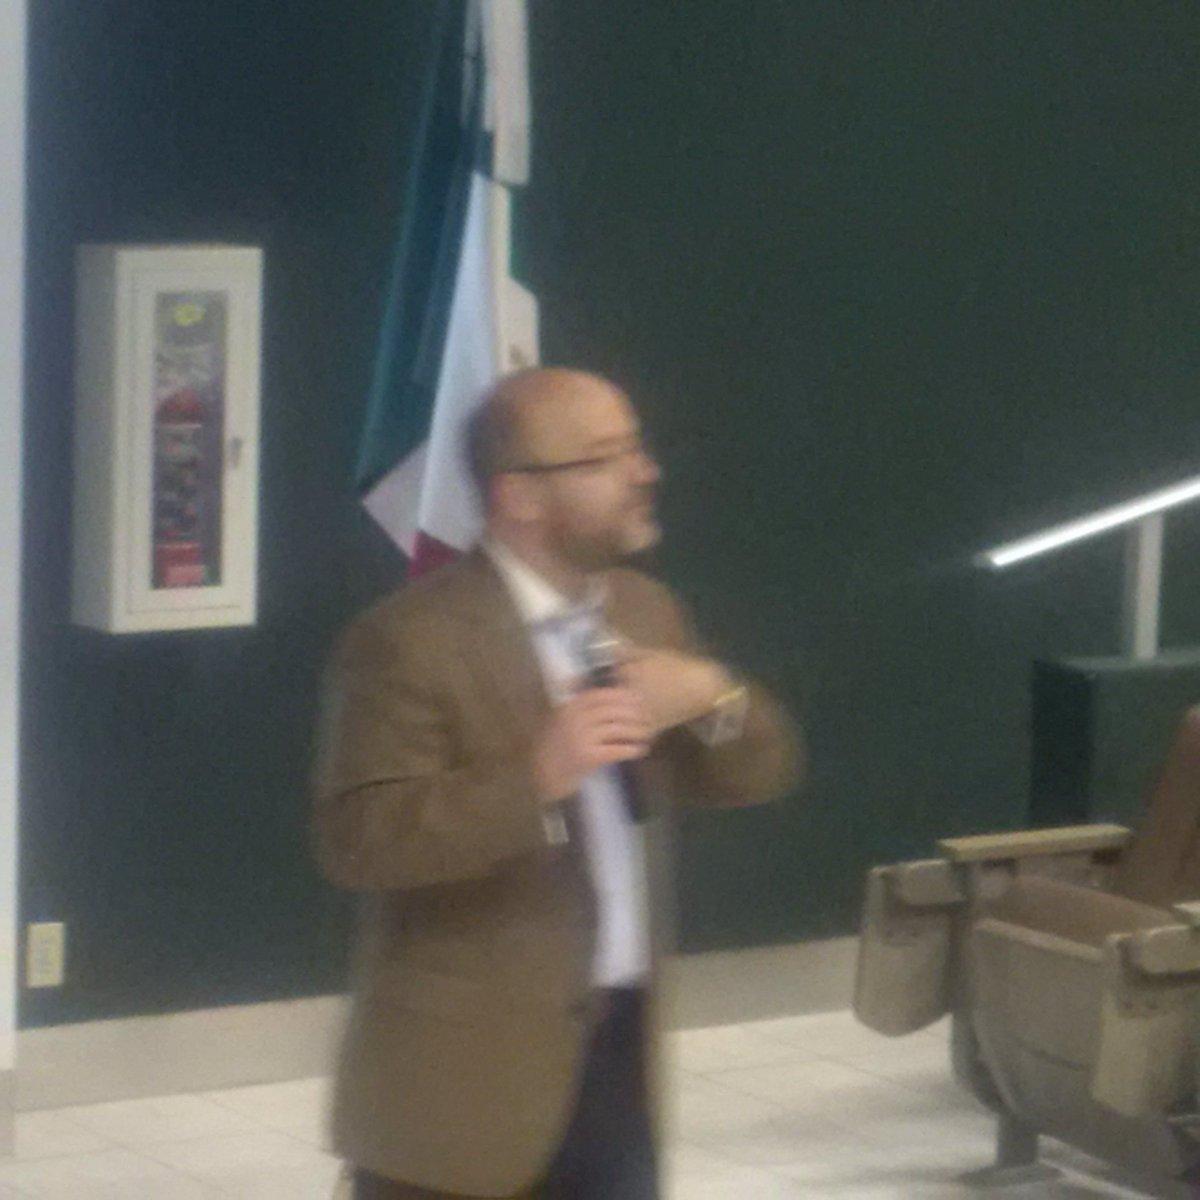 Arturo Carvajal platicando en @IMEFOficial La Laguna, sobre aspectos fiscales. https://t.co/foS3VLim8P